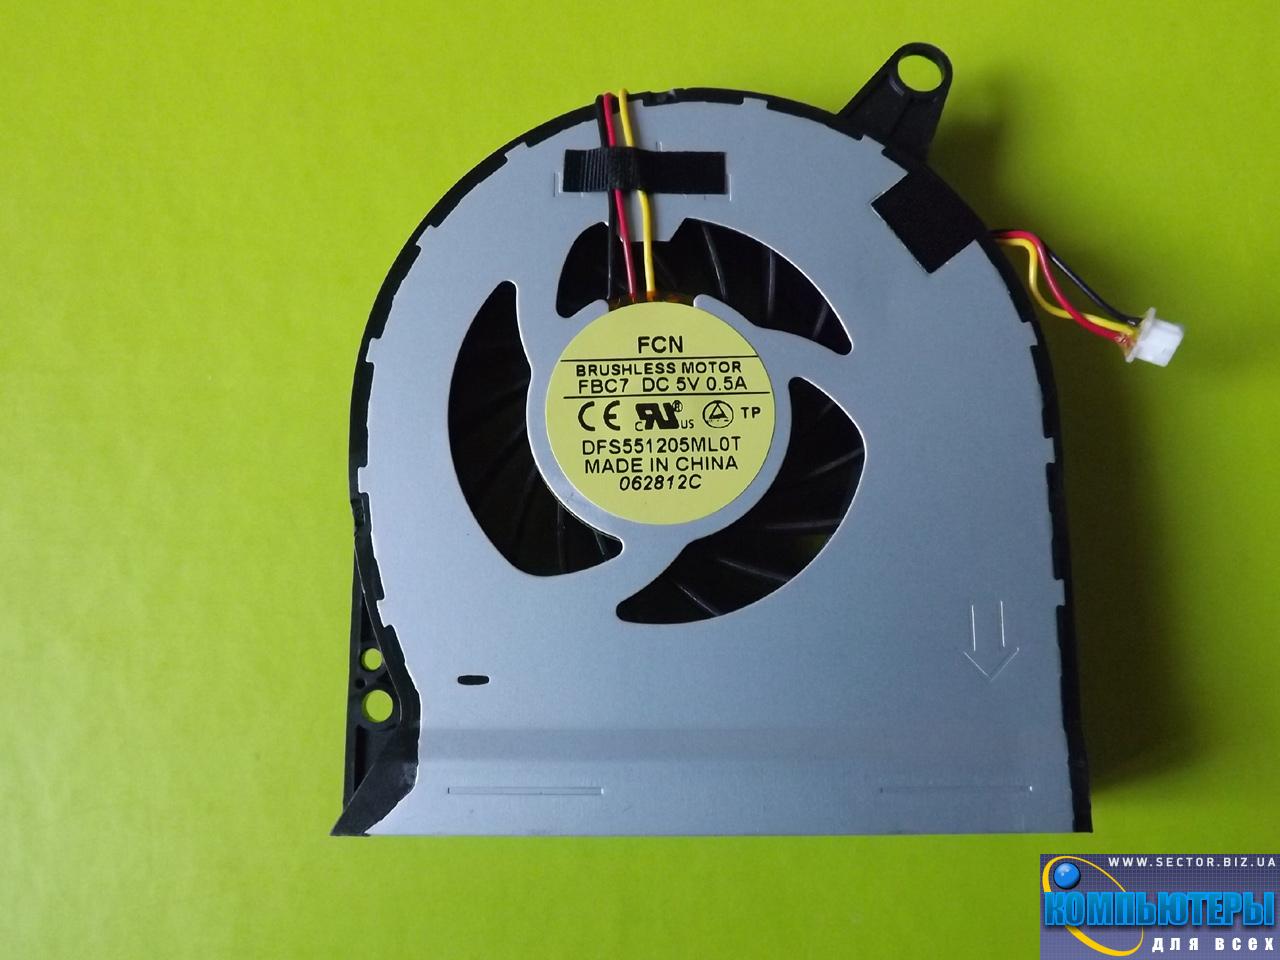 Кулер к ноутбуку Acer Aspire V3-731 V3-731G V3-771 V3-771G p/n: DFS551205ML0T FBC7. Фото № 2.